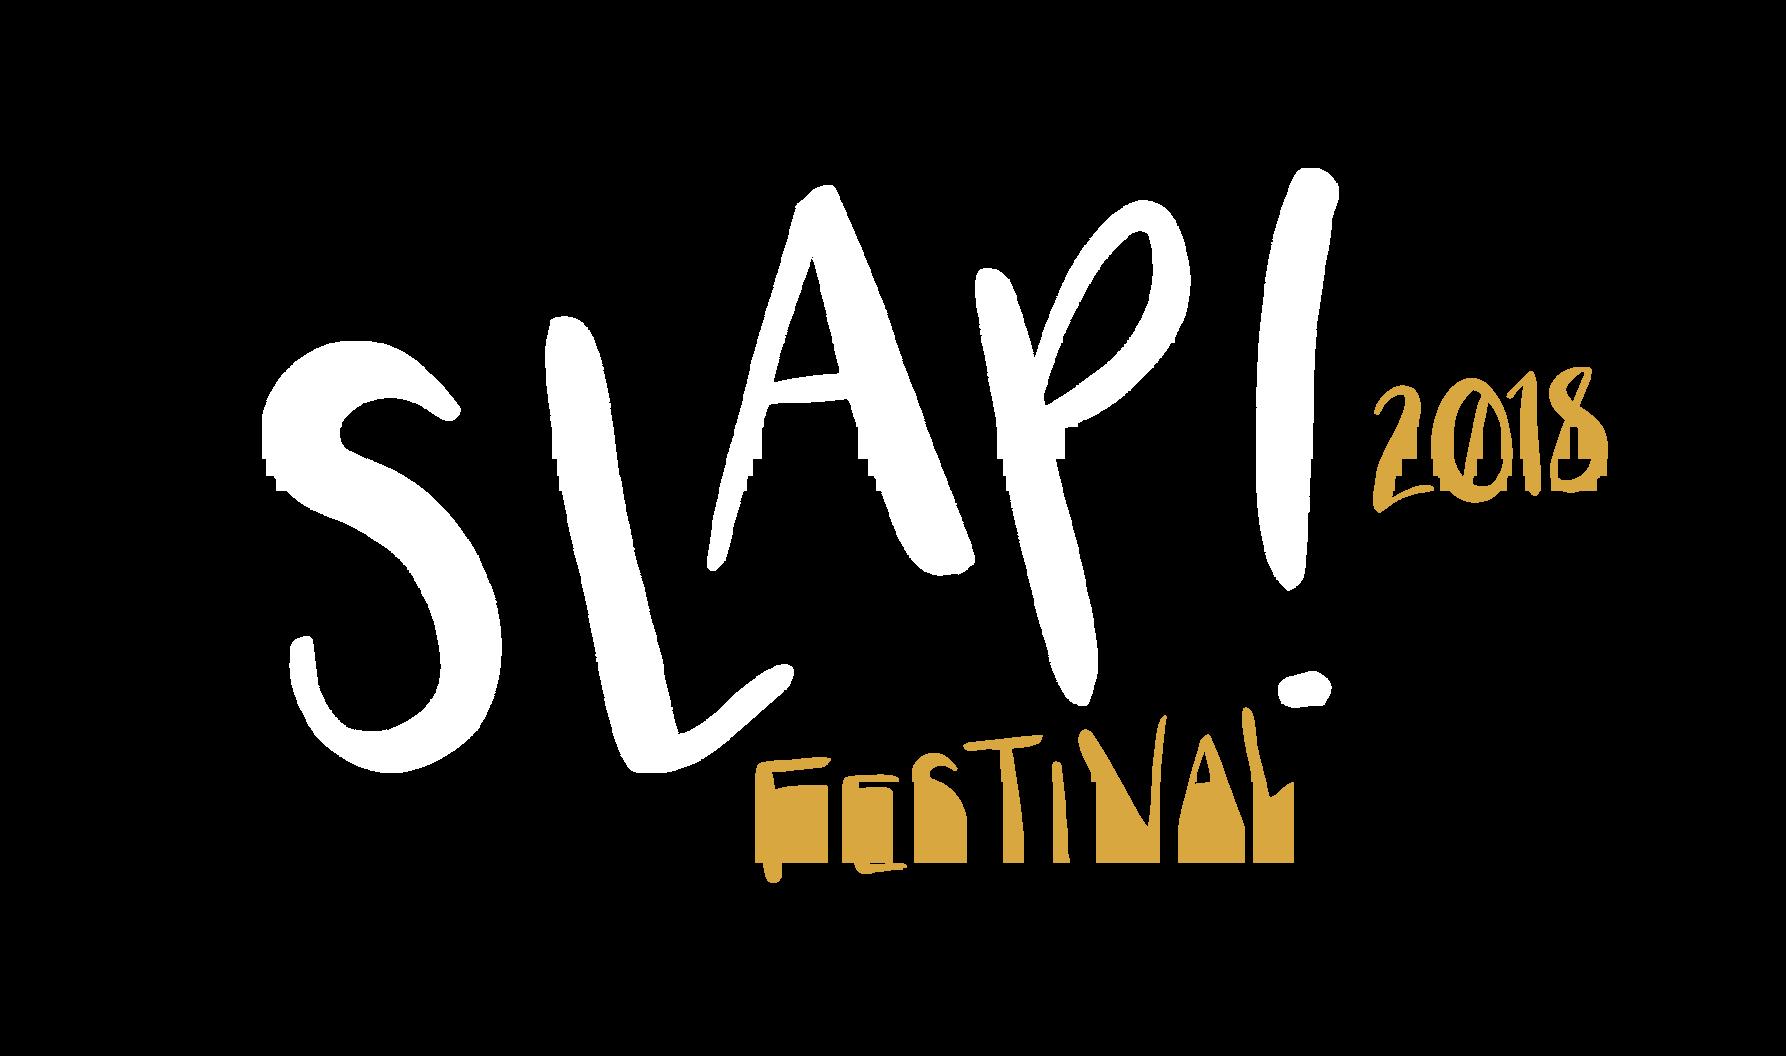 Slap Festival 2017